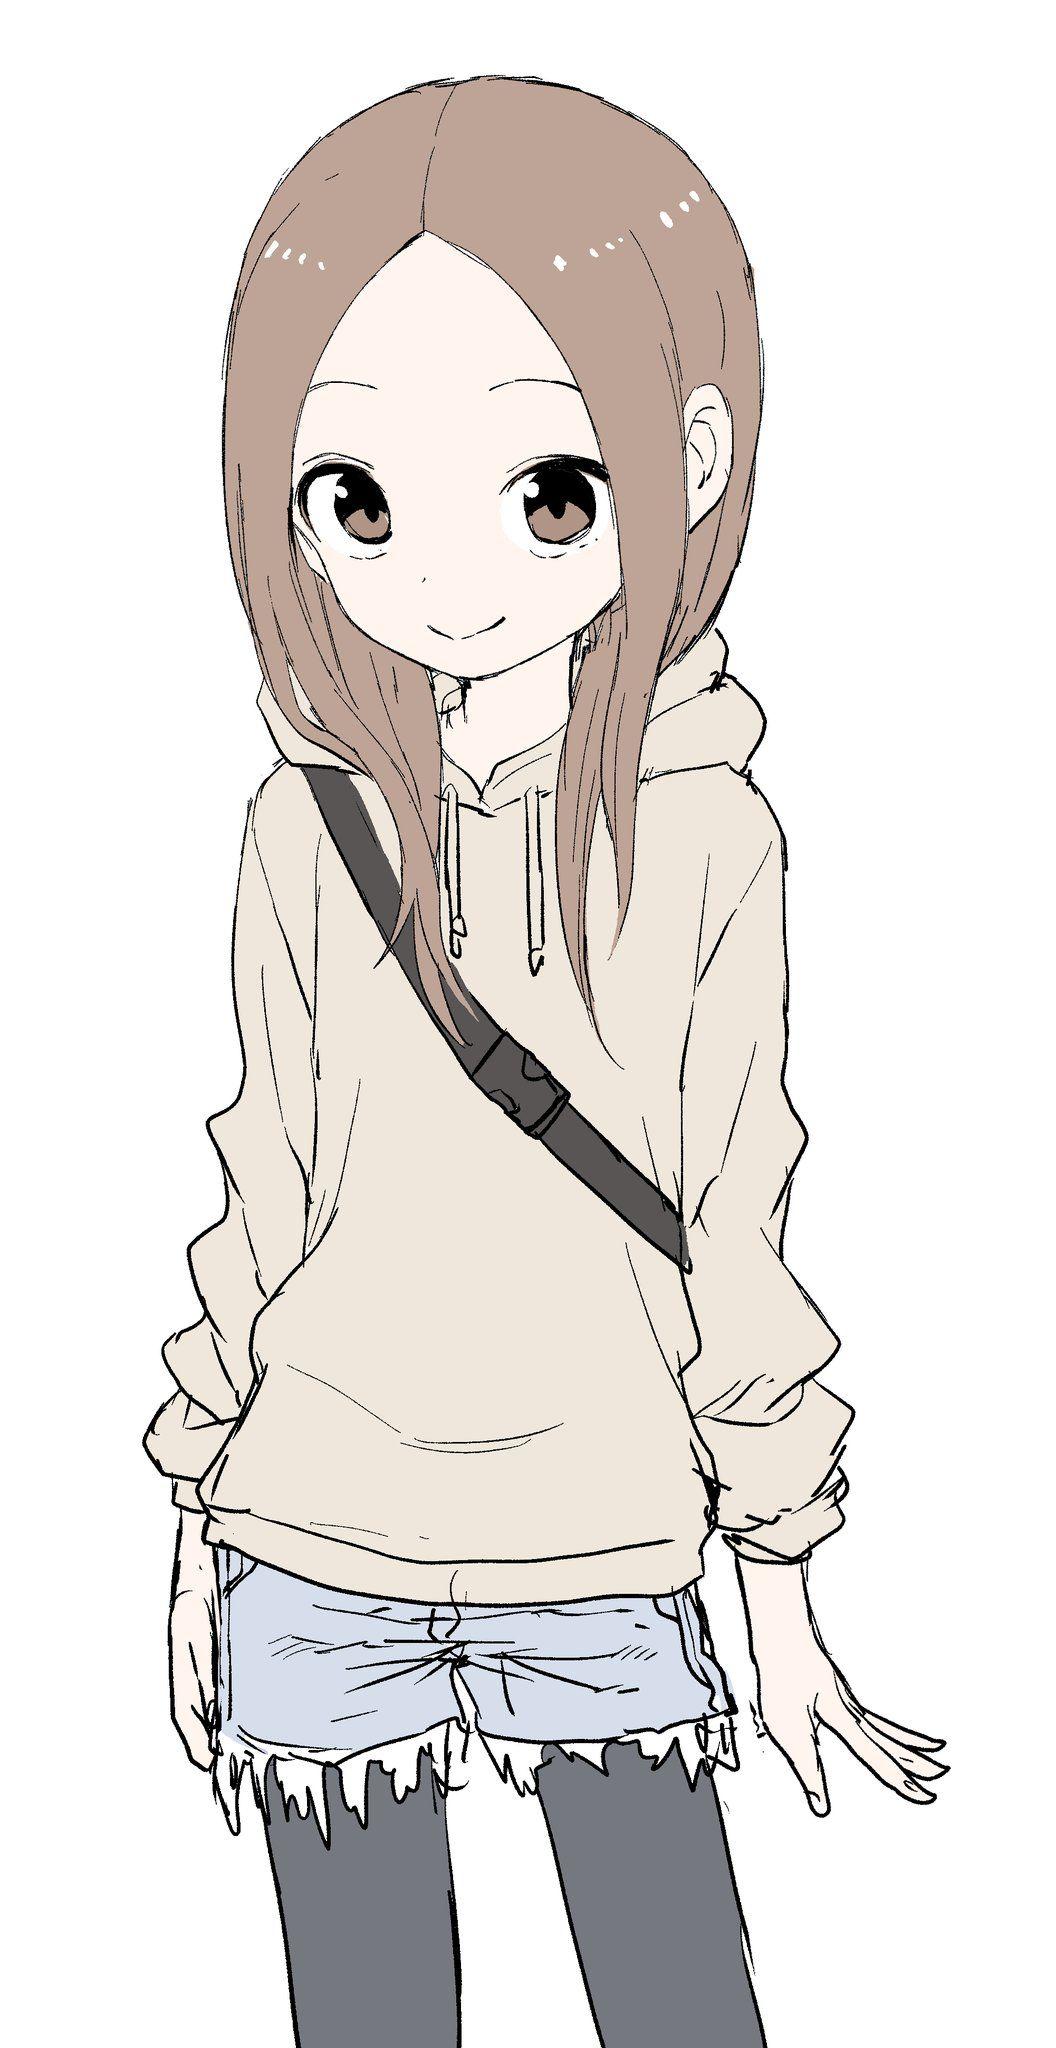 Pin de PROTOBee em 高木さん好き em 2020 Personagens de anime